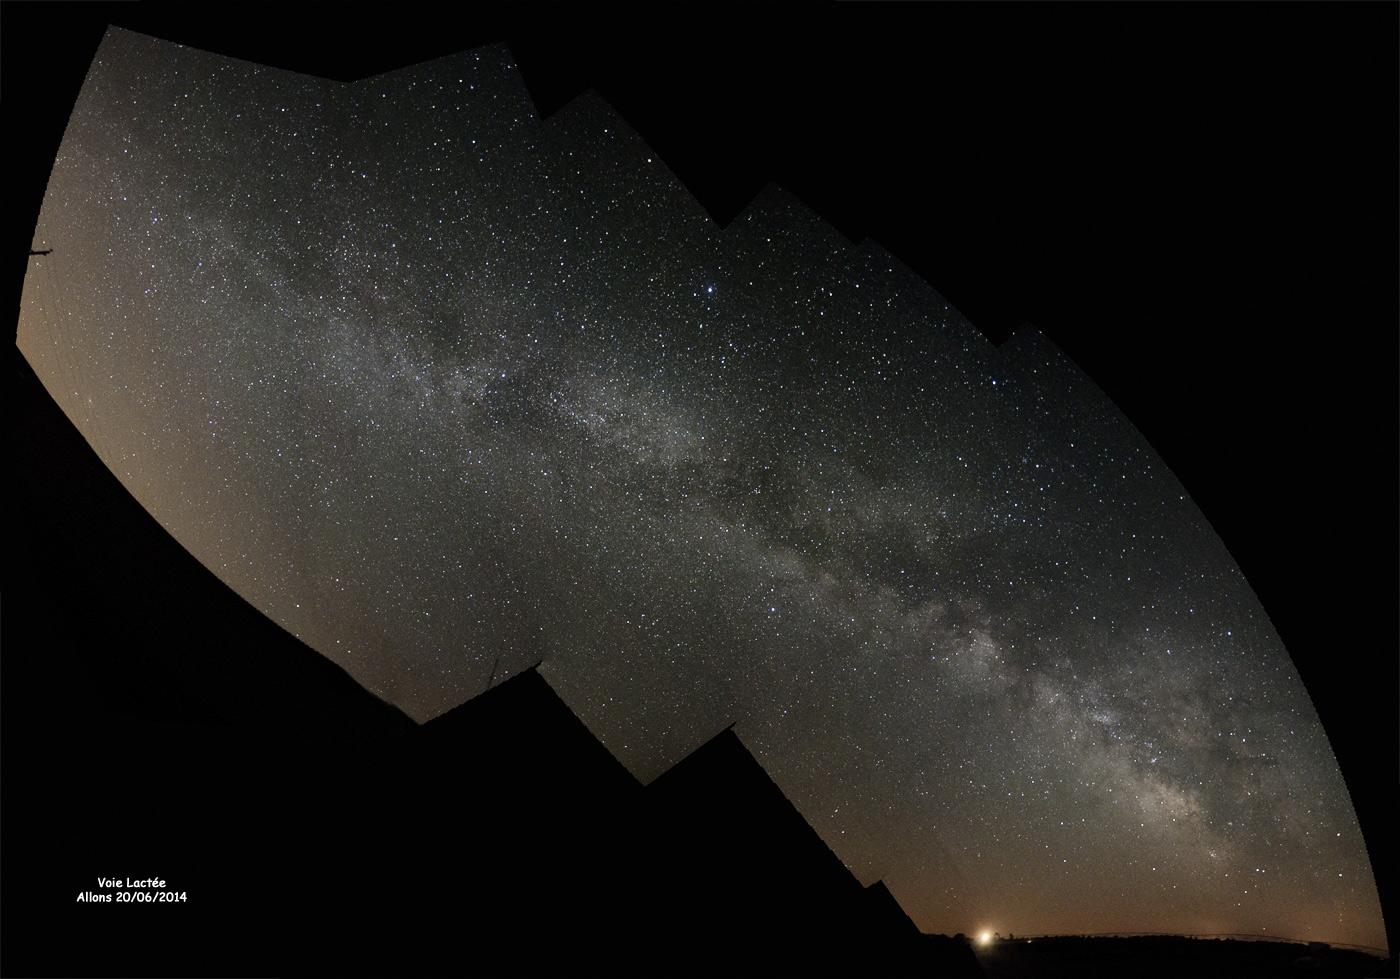 Voie Lactée - Page 5 Pano_vl_20_6_2014